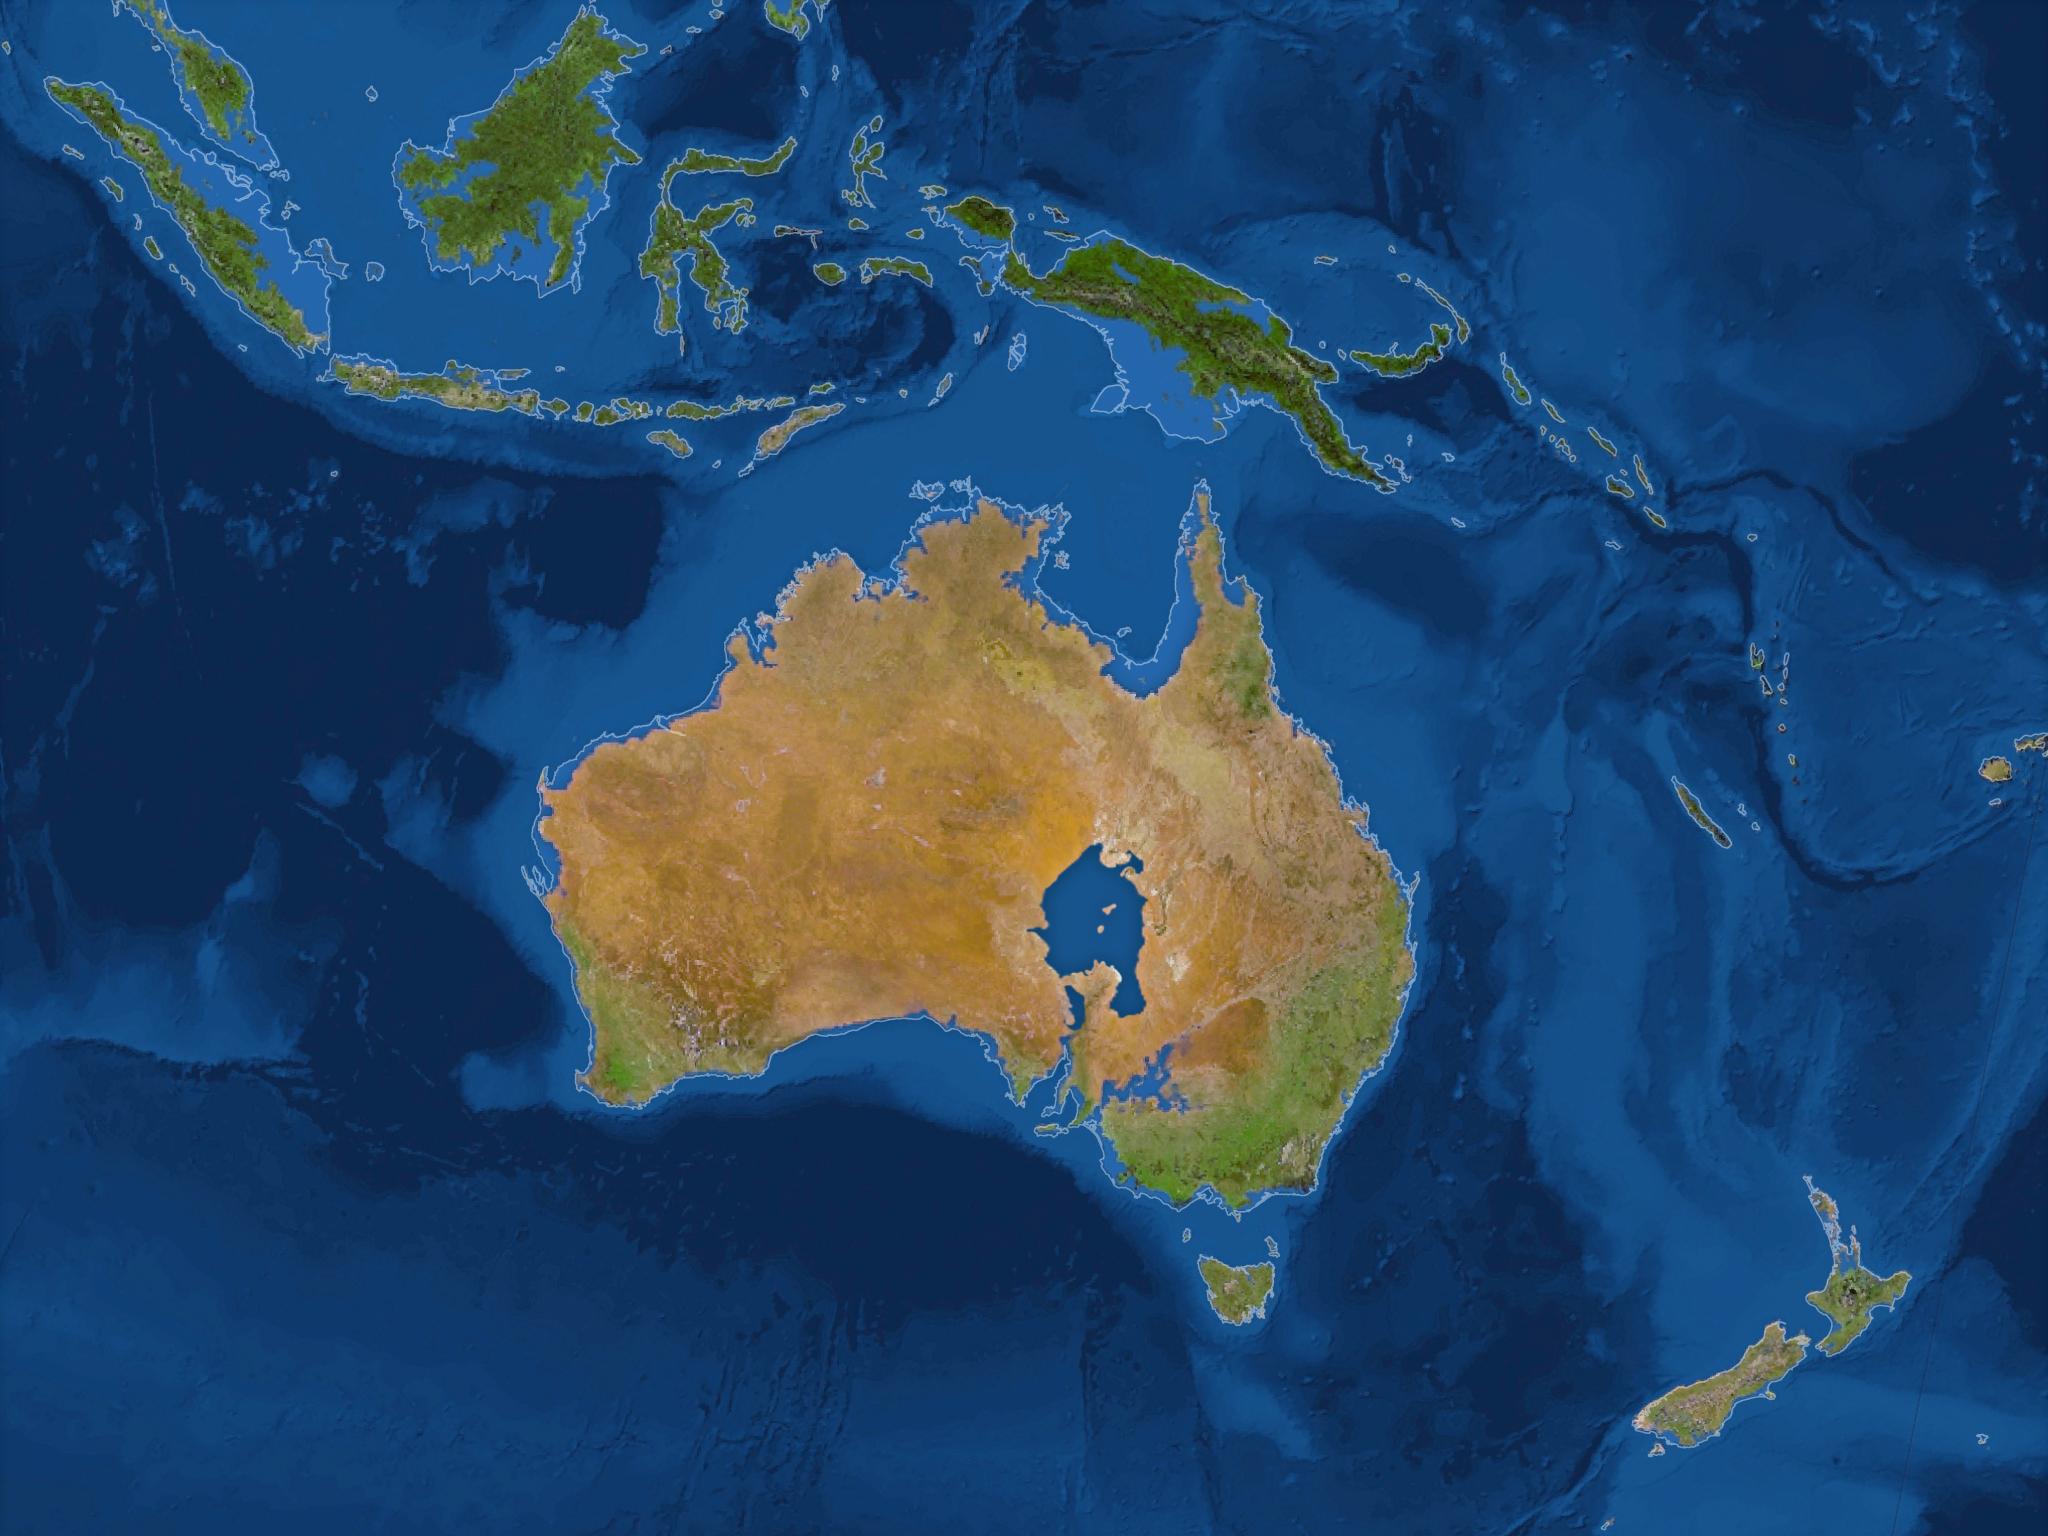 В центре Австралии возникнет соленое озеро